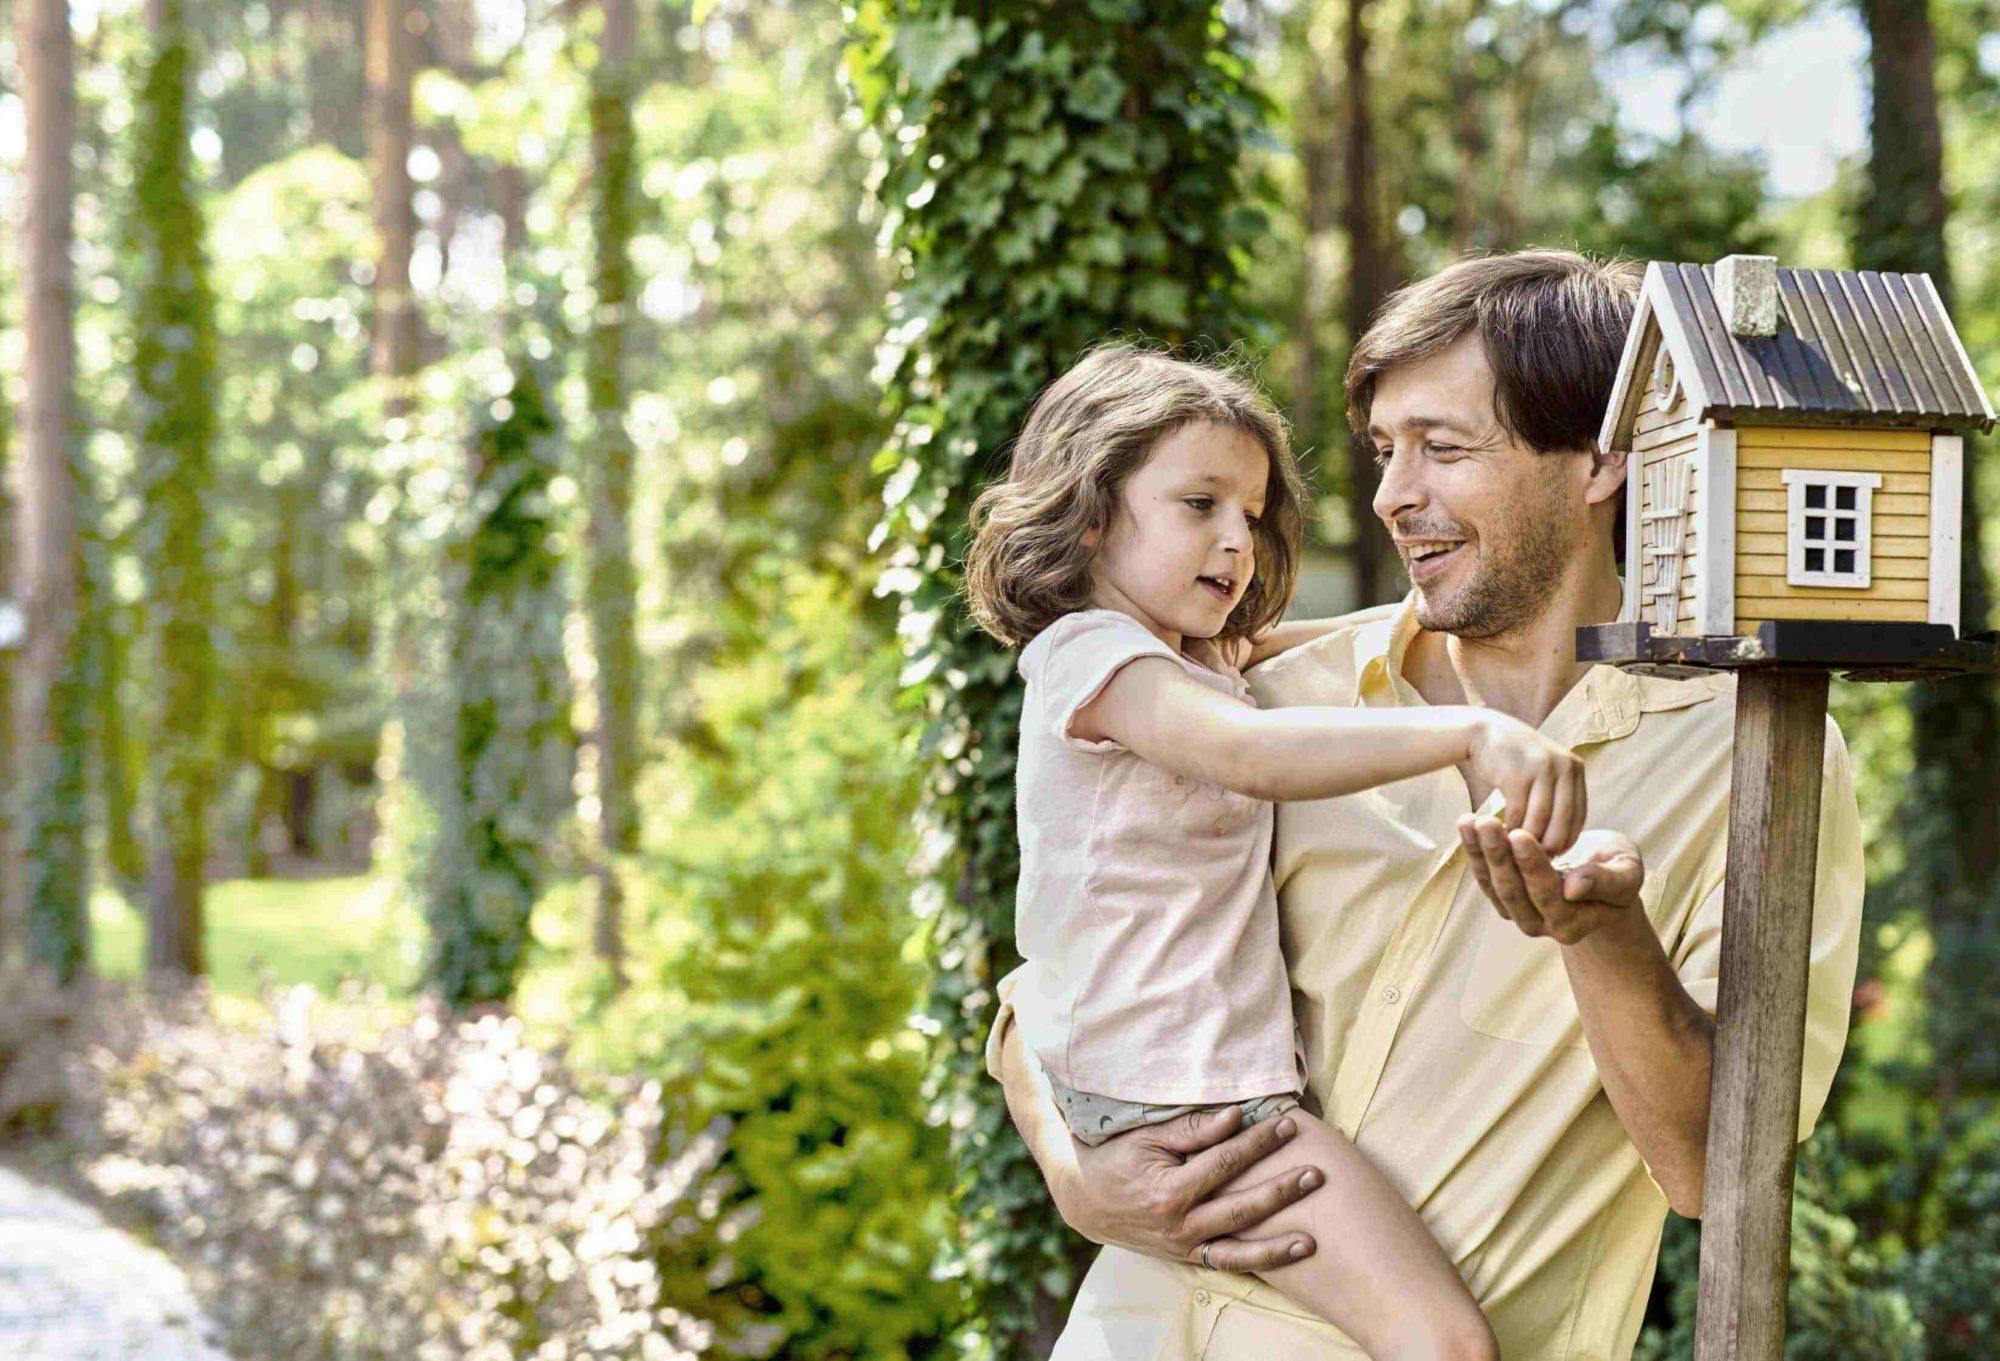 Mężczyzna trzymający na rękach dziewczynkę która nasypuje ziarna do karmnika